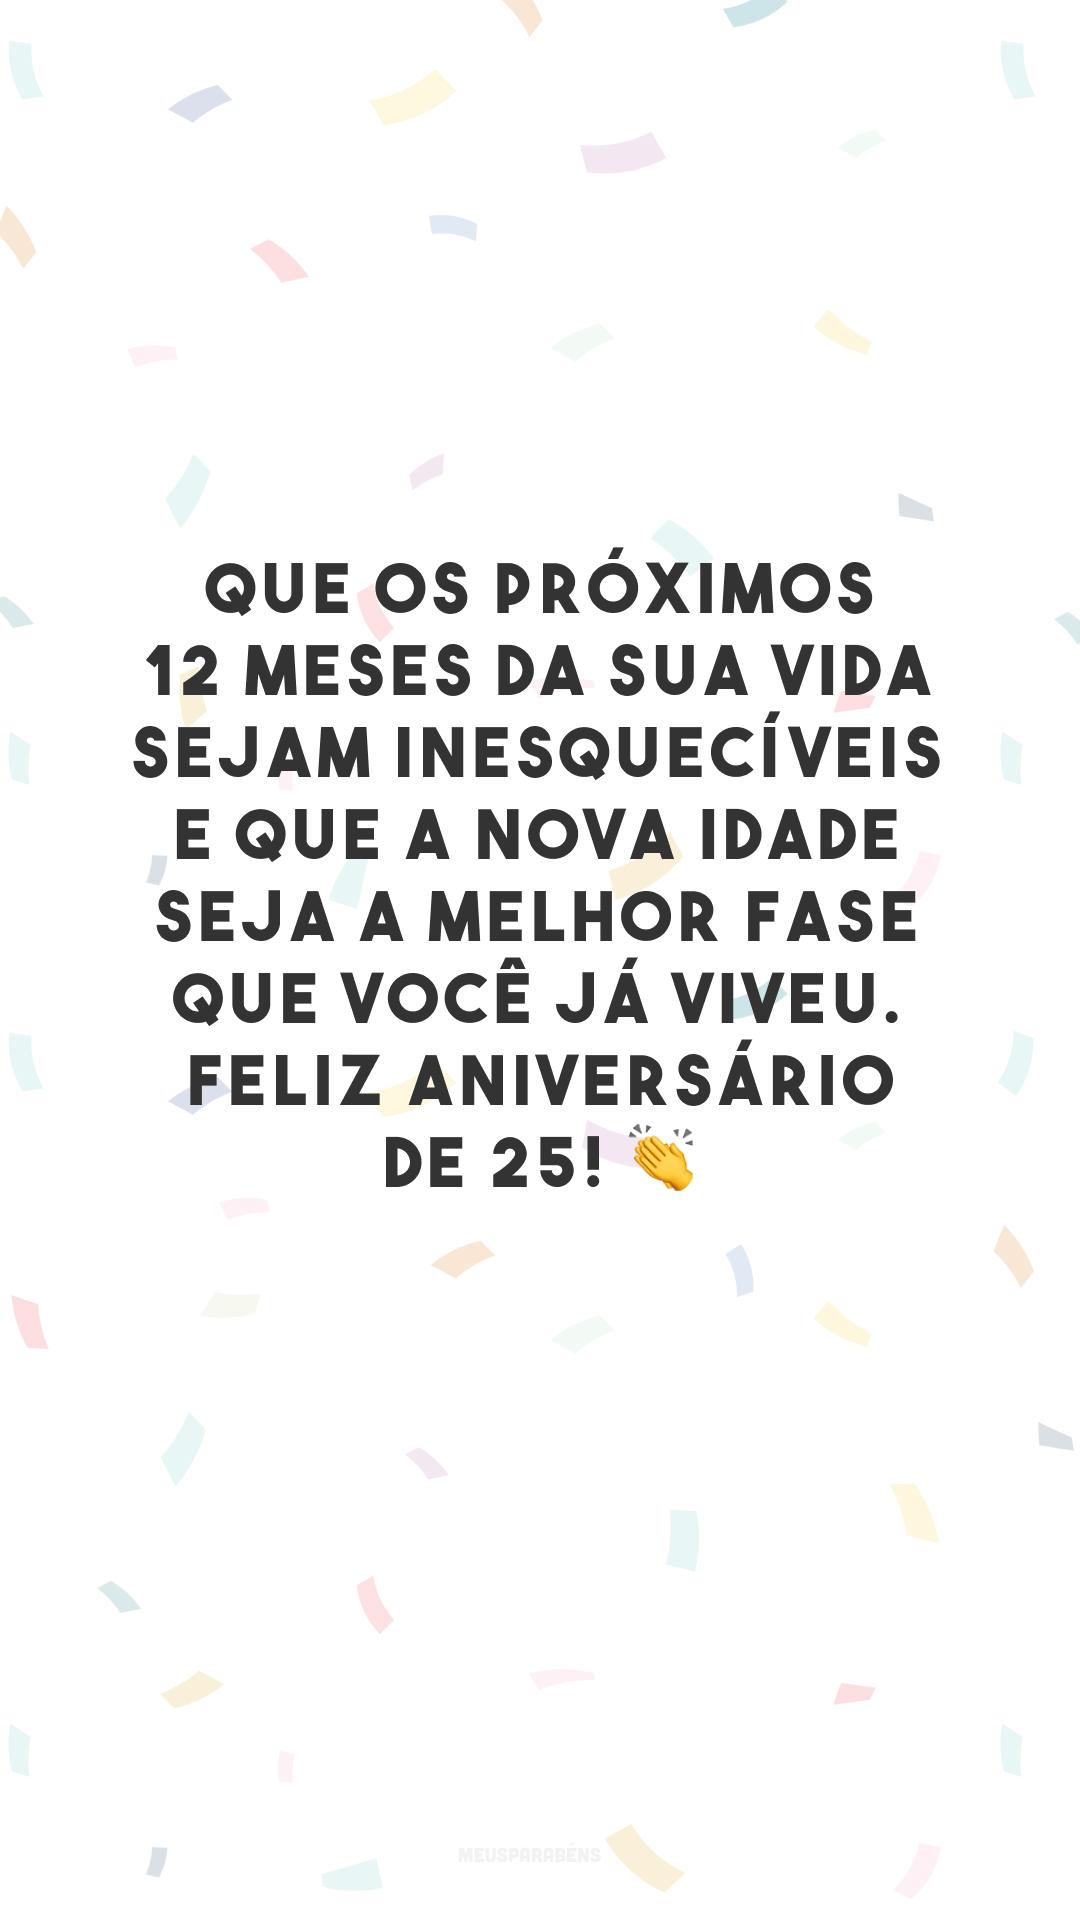 Que os próximos 12 meses da sua vida sejam inesquecíveis e que a nova idade seja a melhor fase que você já viveu. Feliz aniversário de 25! 👏